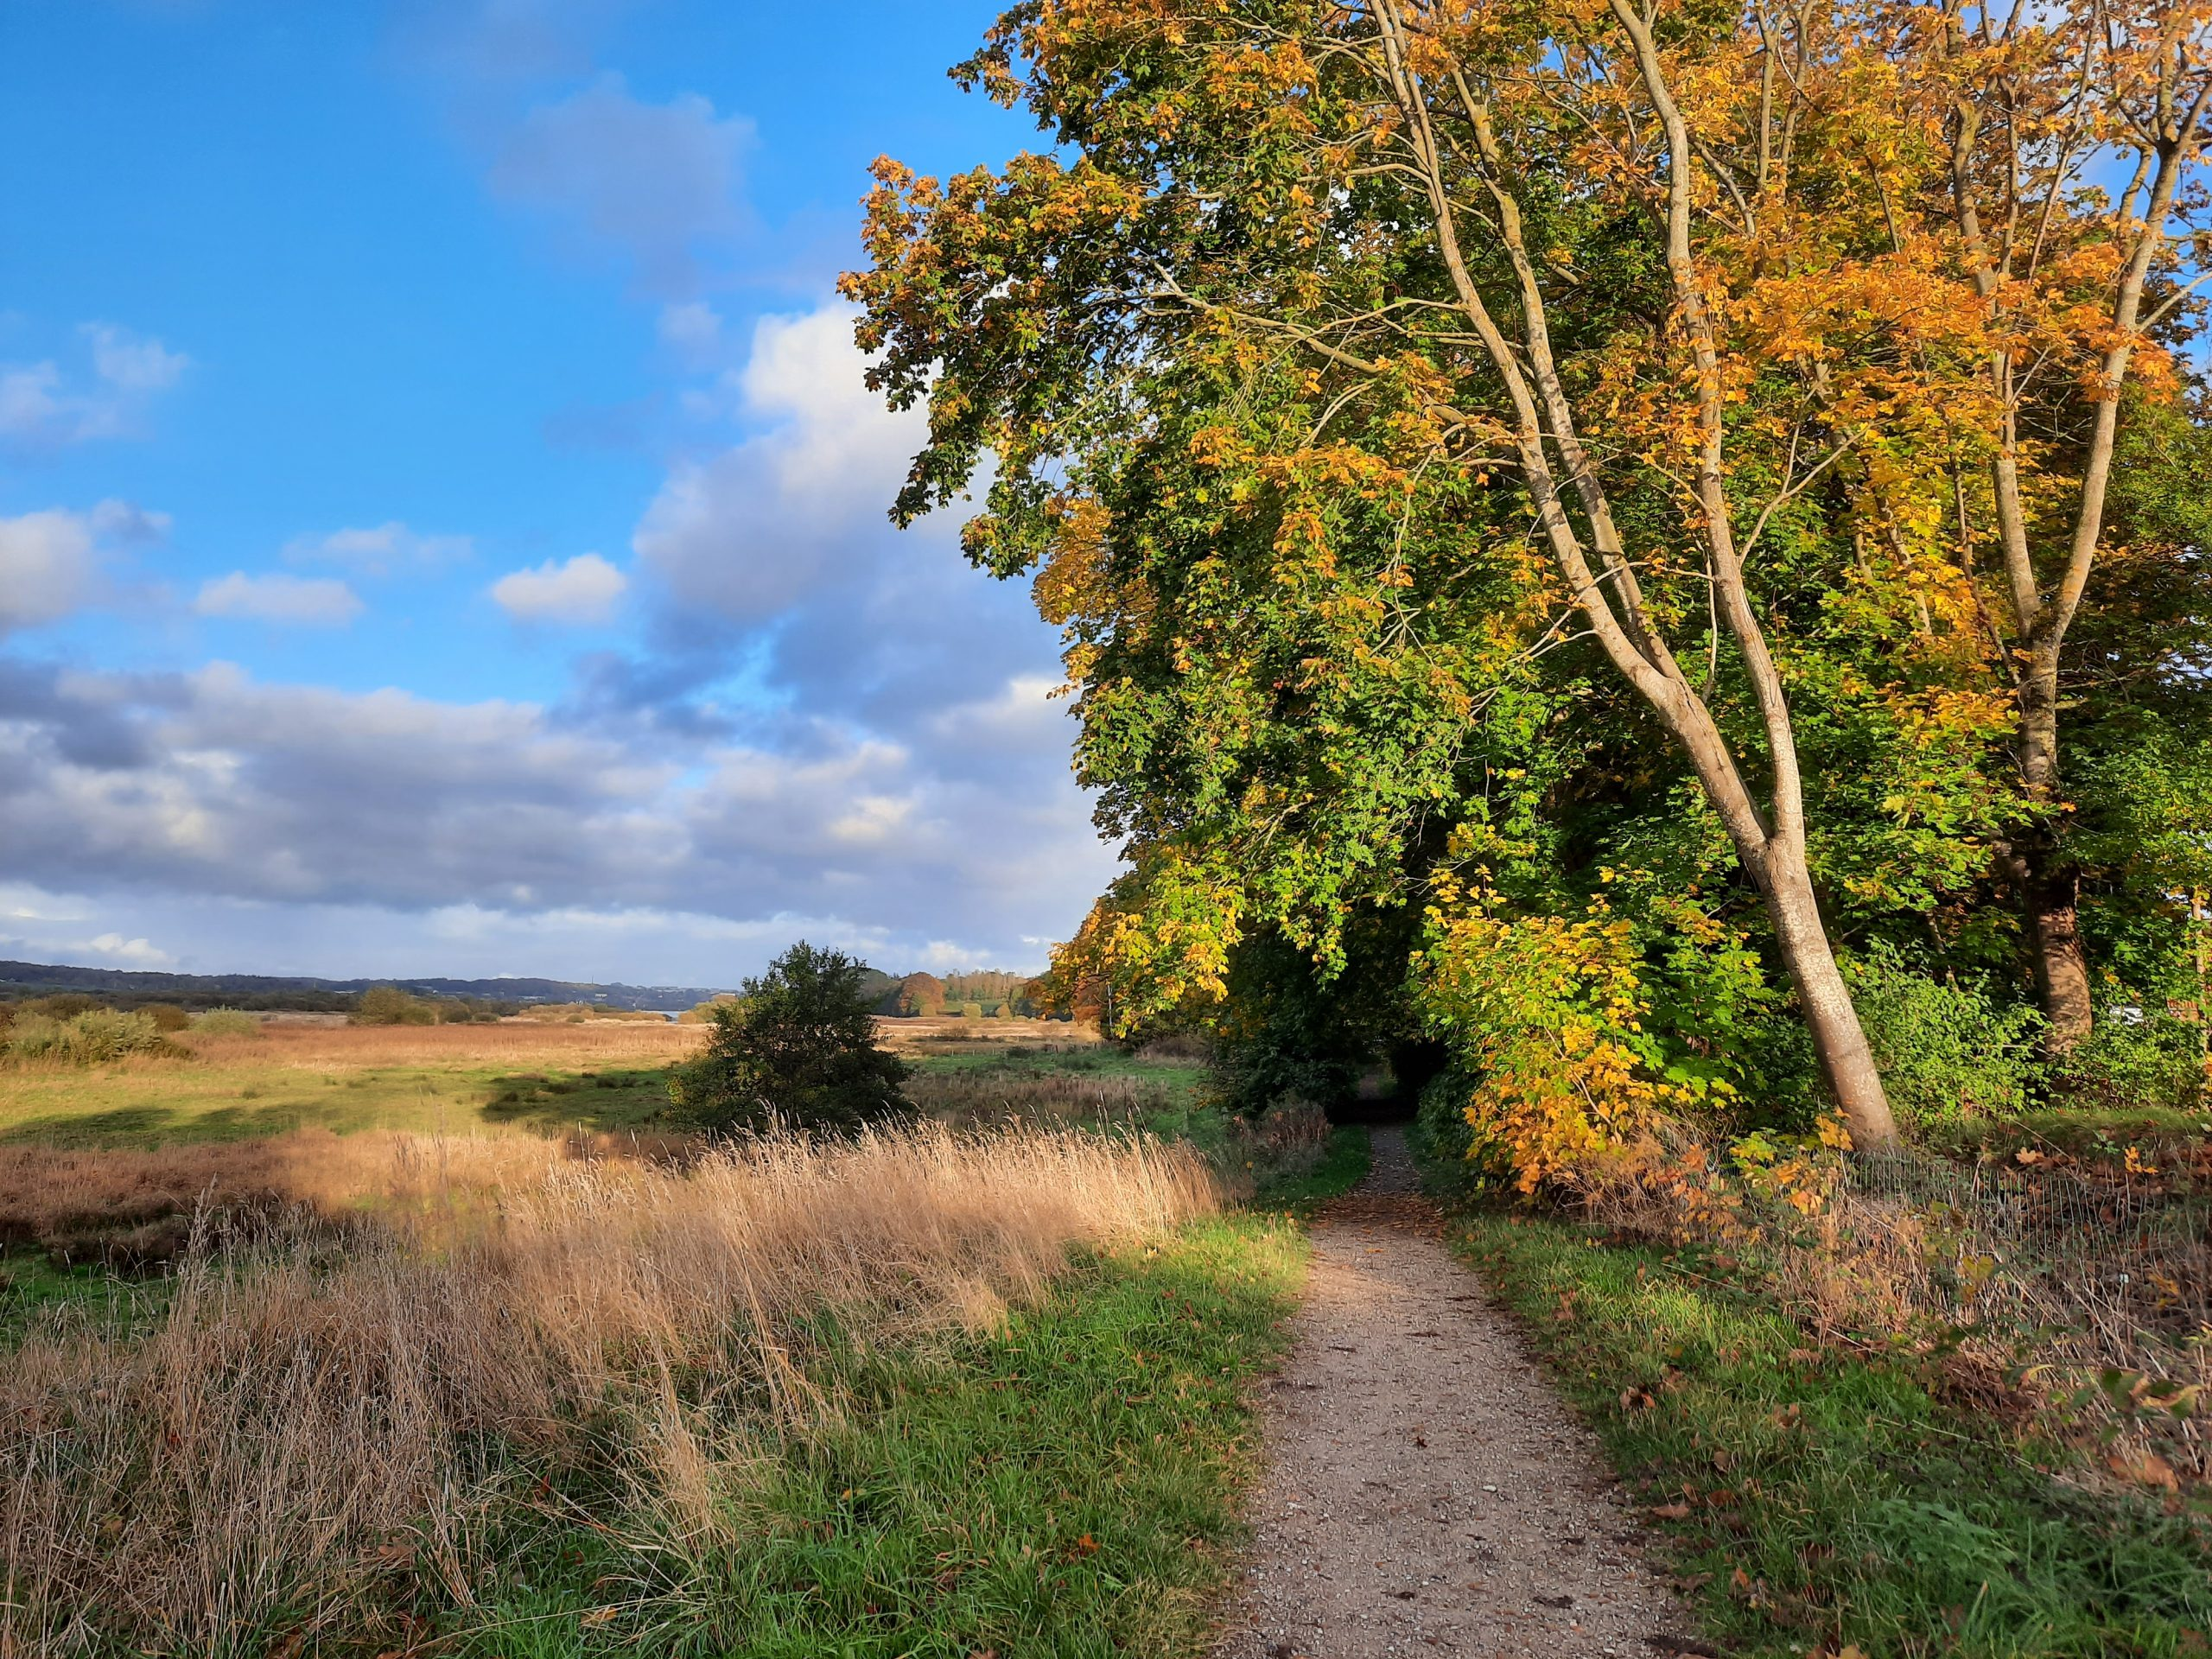 Smukke, grønne gåture: 7 bynære vandreruter i Aarhus for hele familien